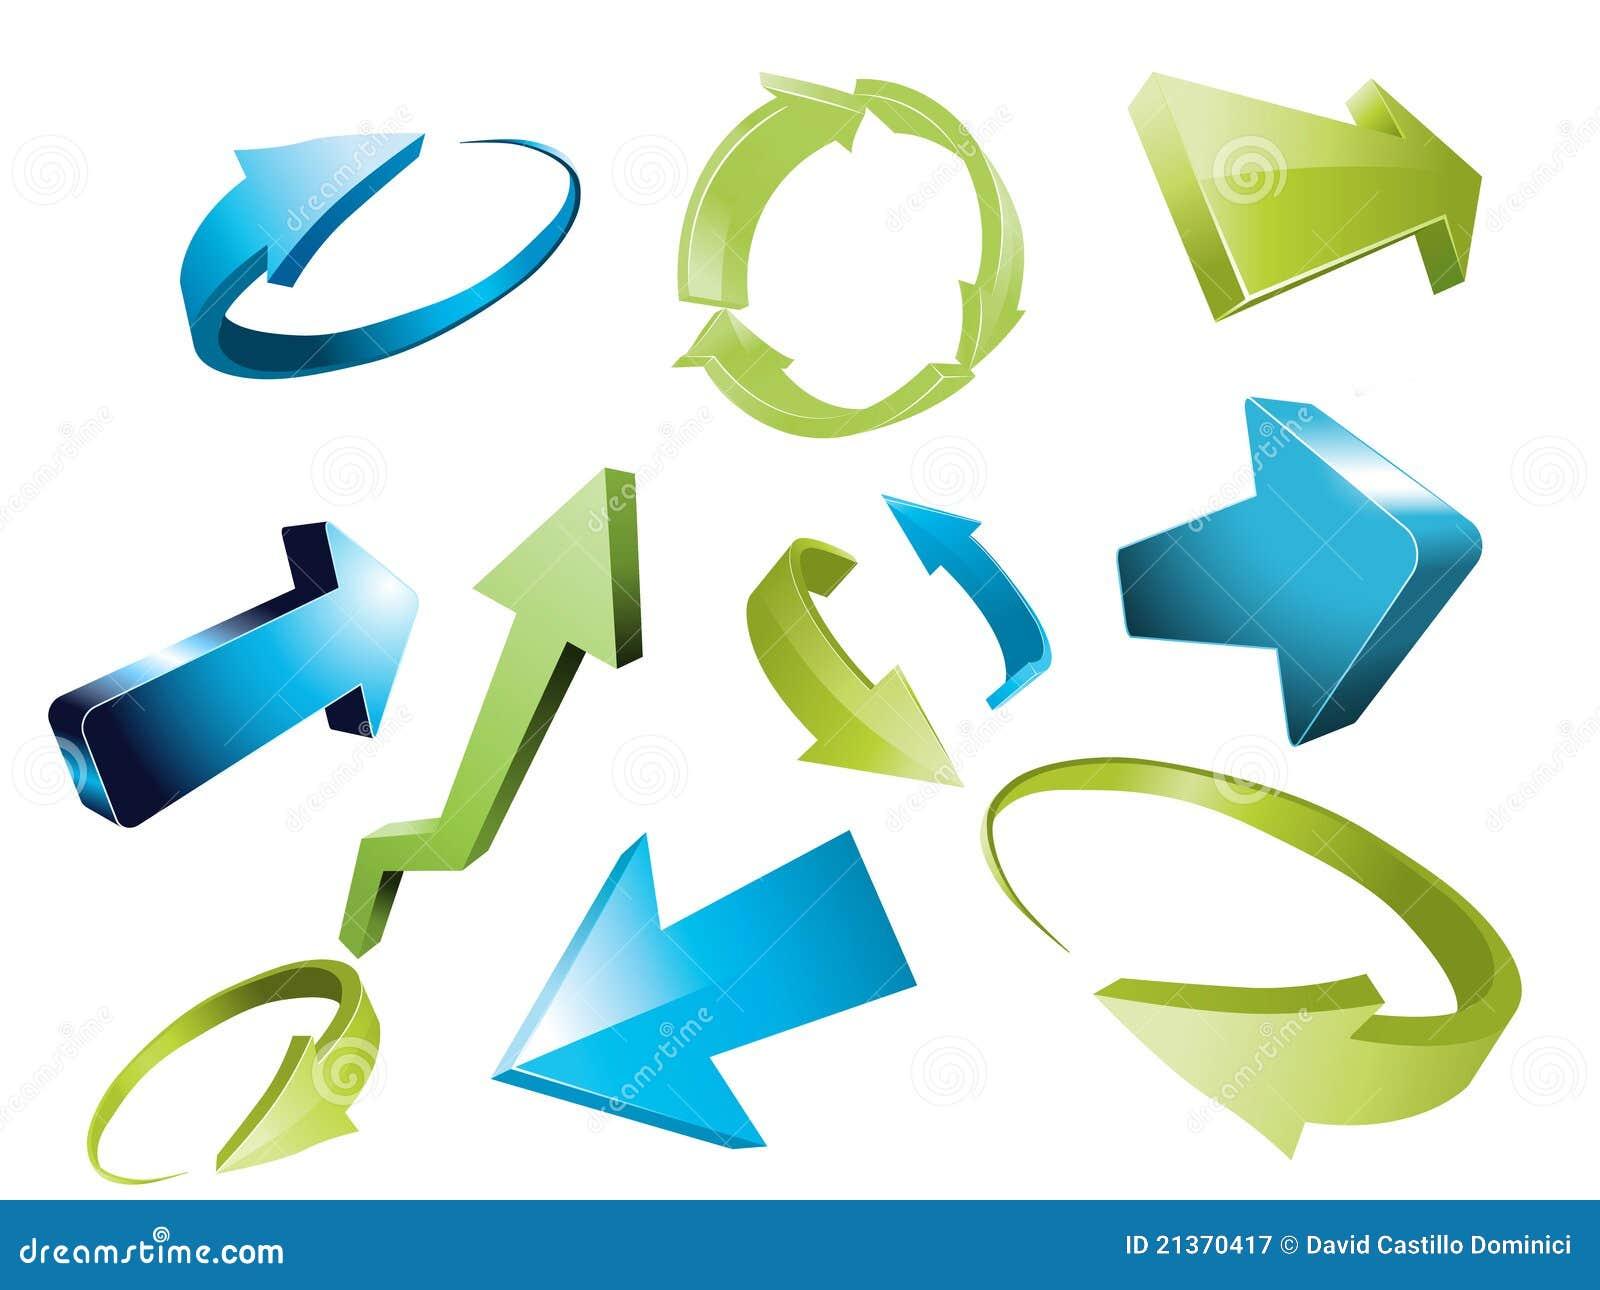 3d frecce insieme di elementi impreciso di disegno della for Immagini tridimensionali gratis